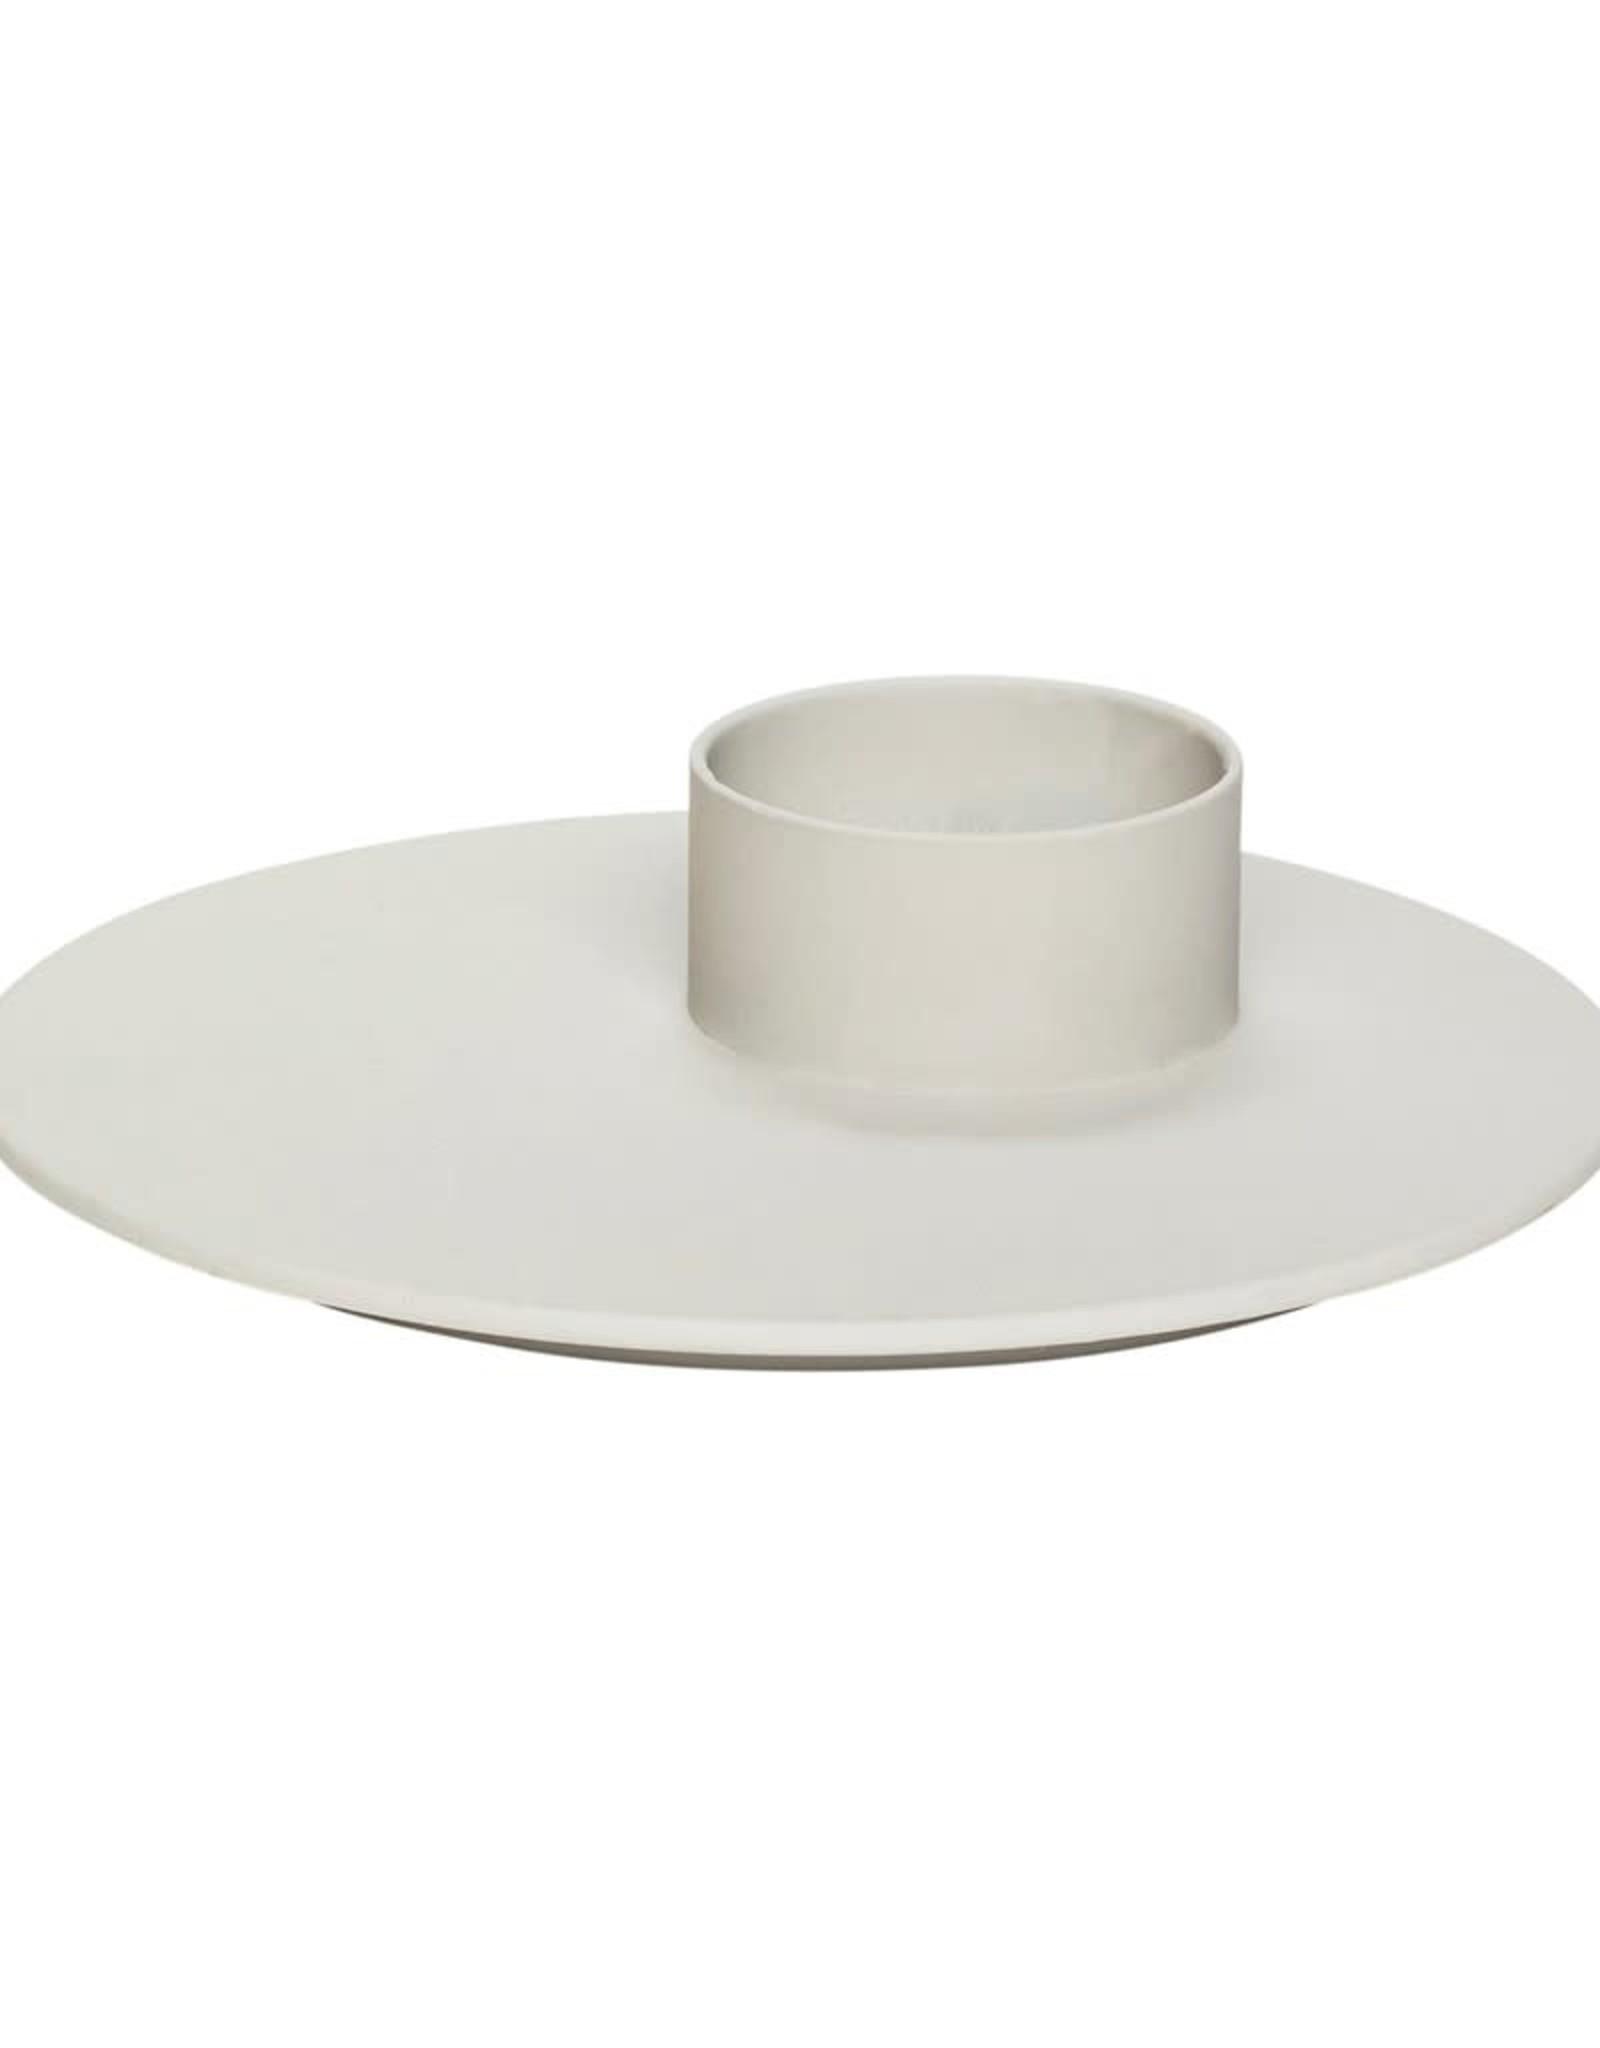 Hübsch Hübsch Tealight holder, grey ø12xh3